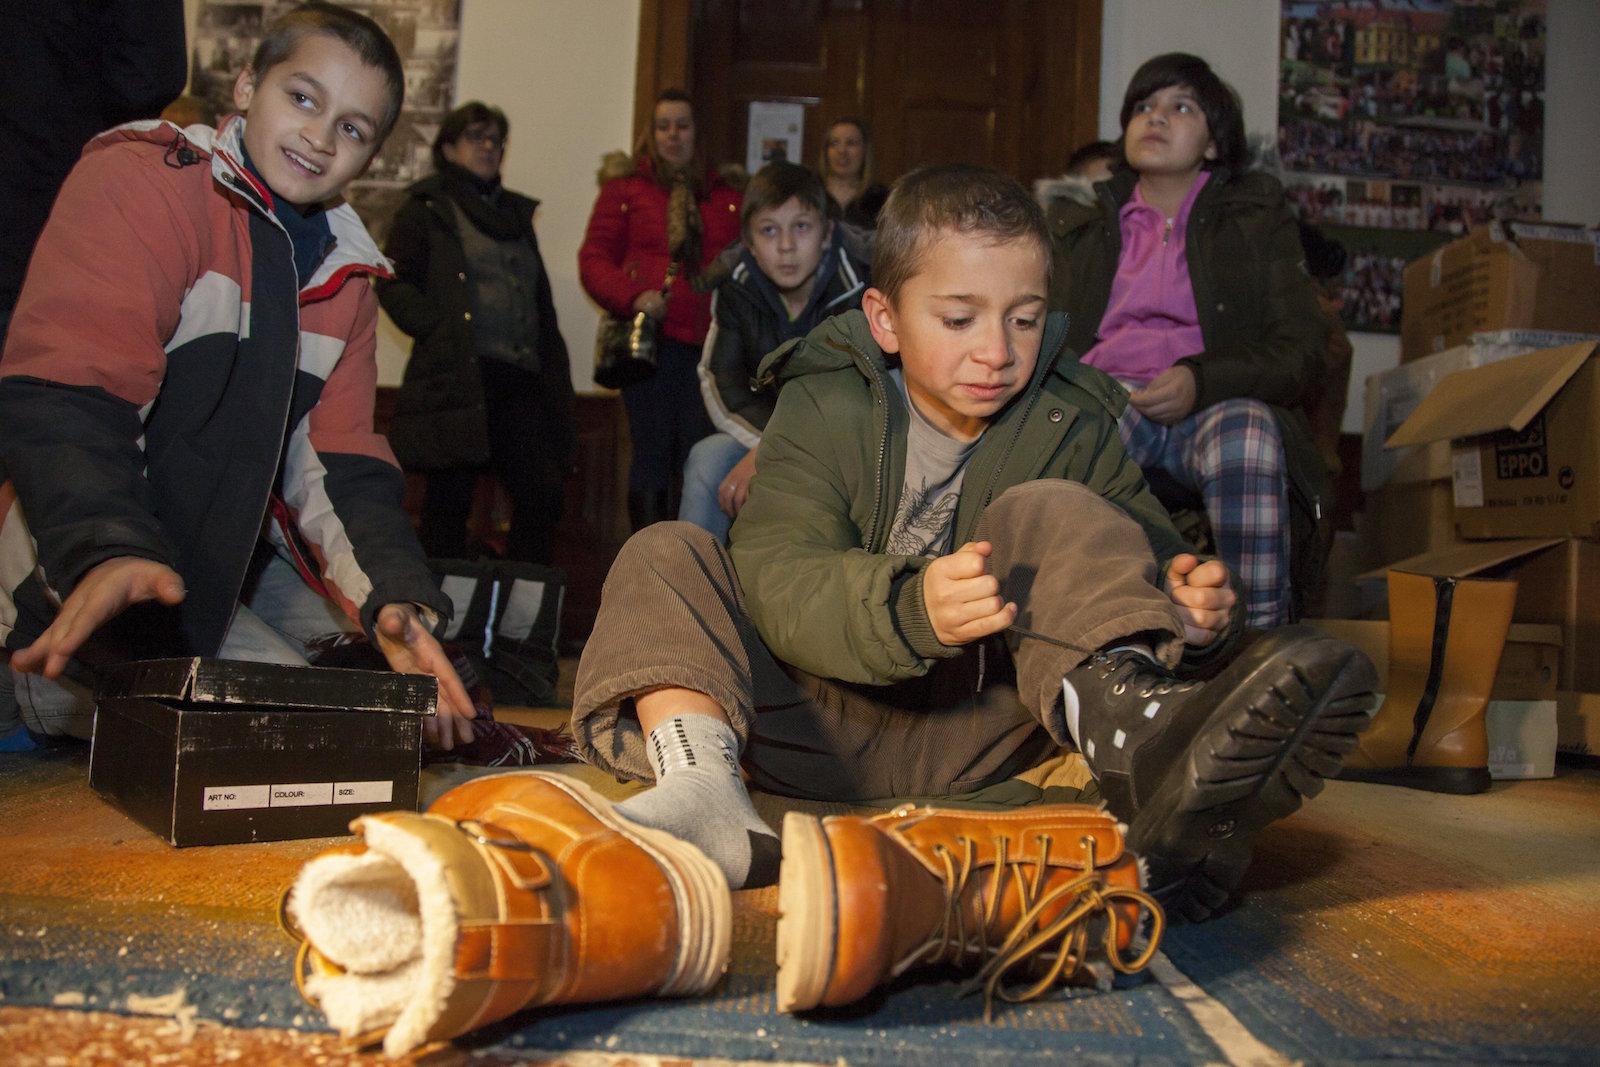 Somogyvár, 2017. január 13. Egy diák cipőt próbál 2017. január 13-án a somogyvári Gyógypedagógiai Intézményben, ahol a tanulóknak egy vállalkozó 390 pár cipőt ajánlott fel. MTI Fotó: Varga György